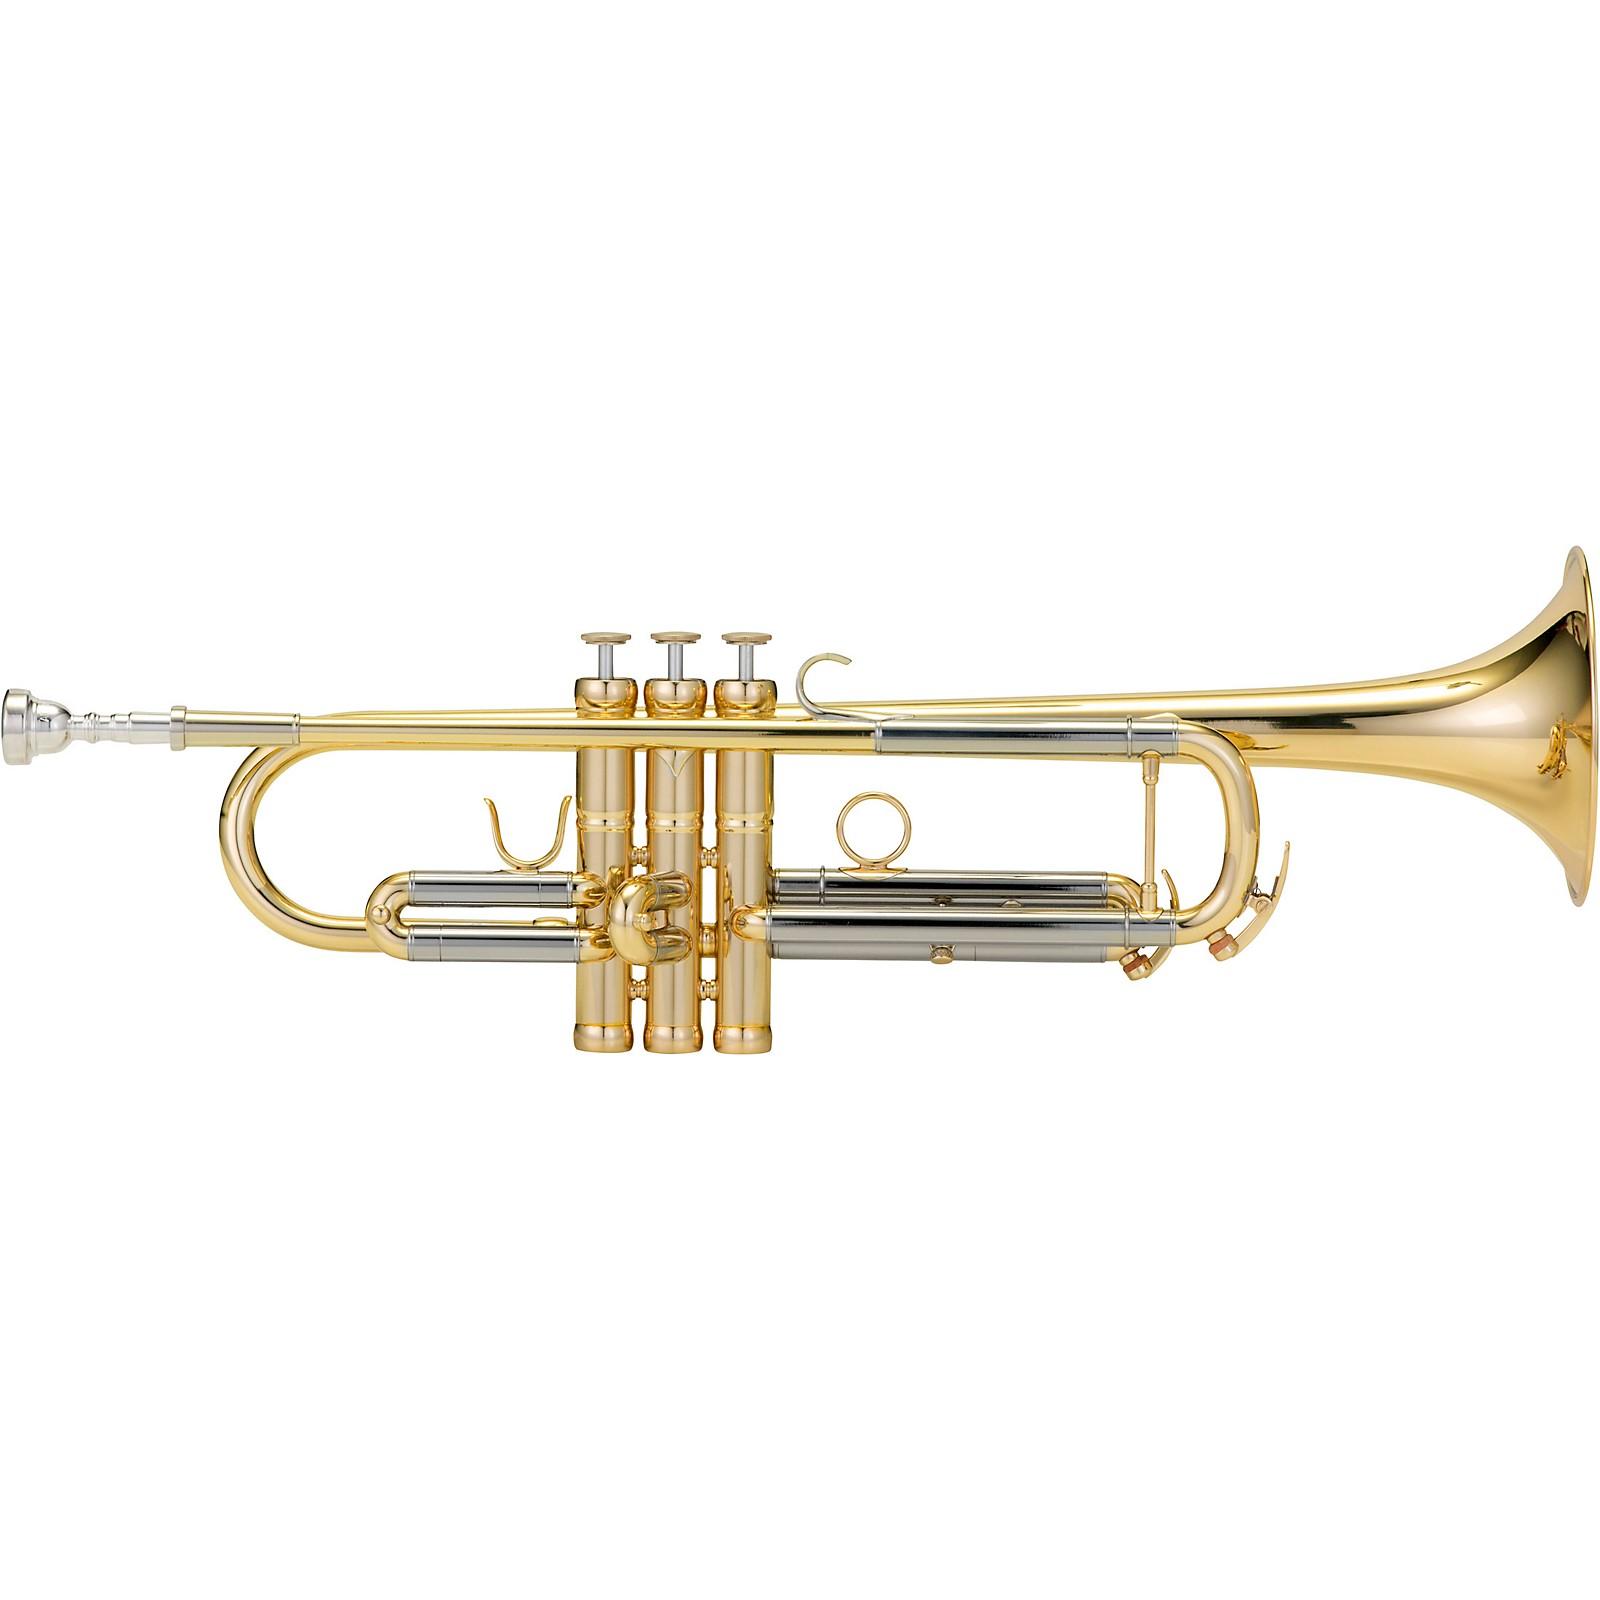 Adams Artist Series #40 Trumpet w/case, .460 Bore - Lacquer